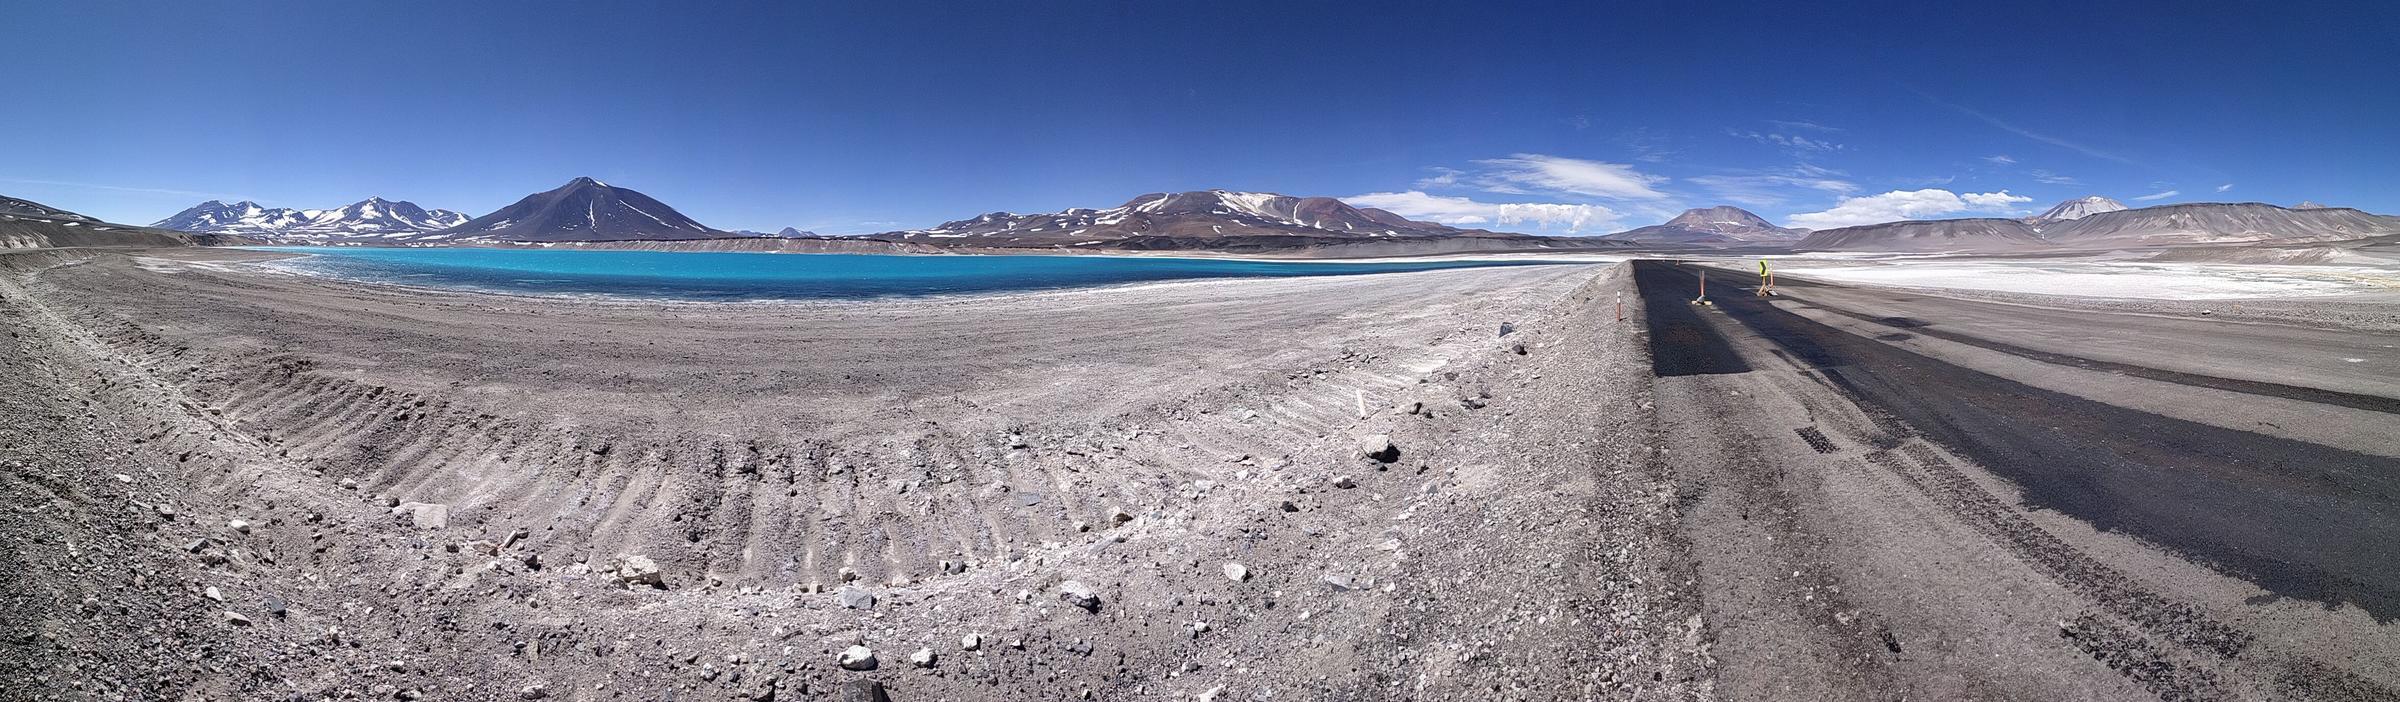 20181026_Copiapo_Atacama_Tres_Cruces_75.